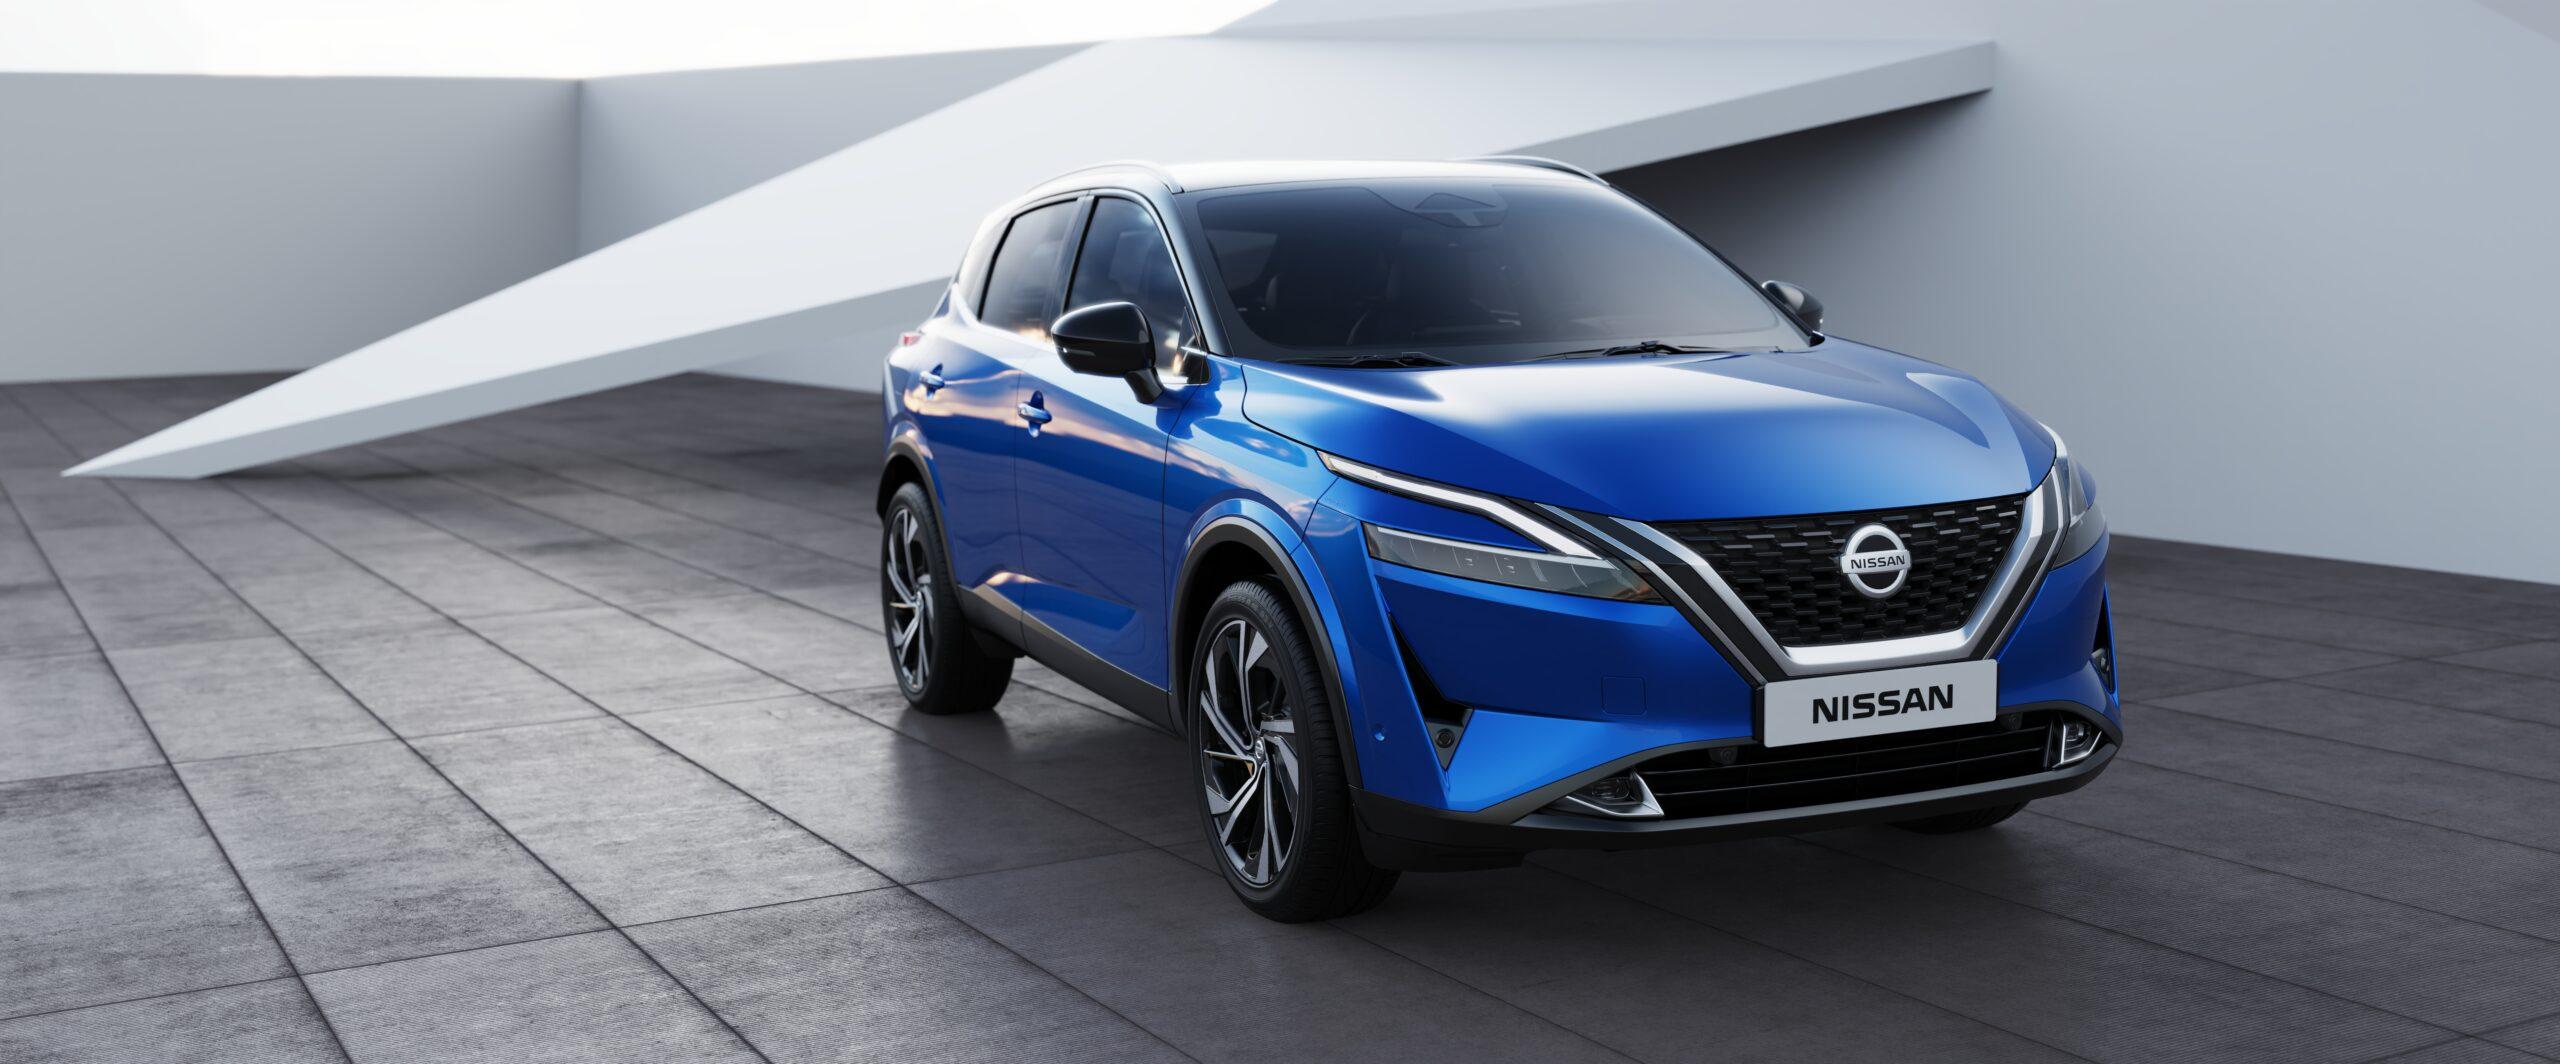 Nissan Dice Addio al Diesel con la Nuova Qashqai